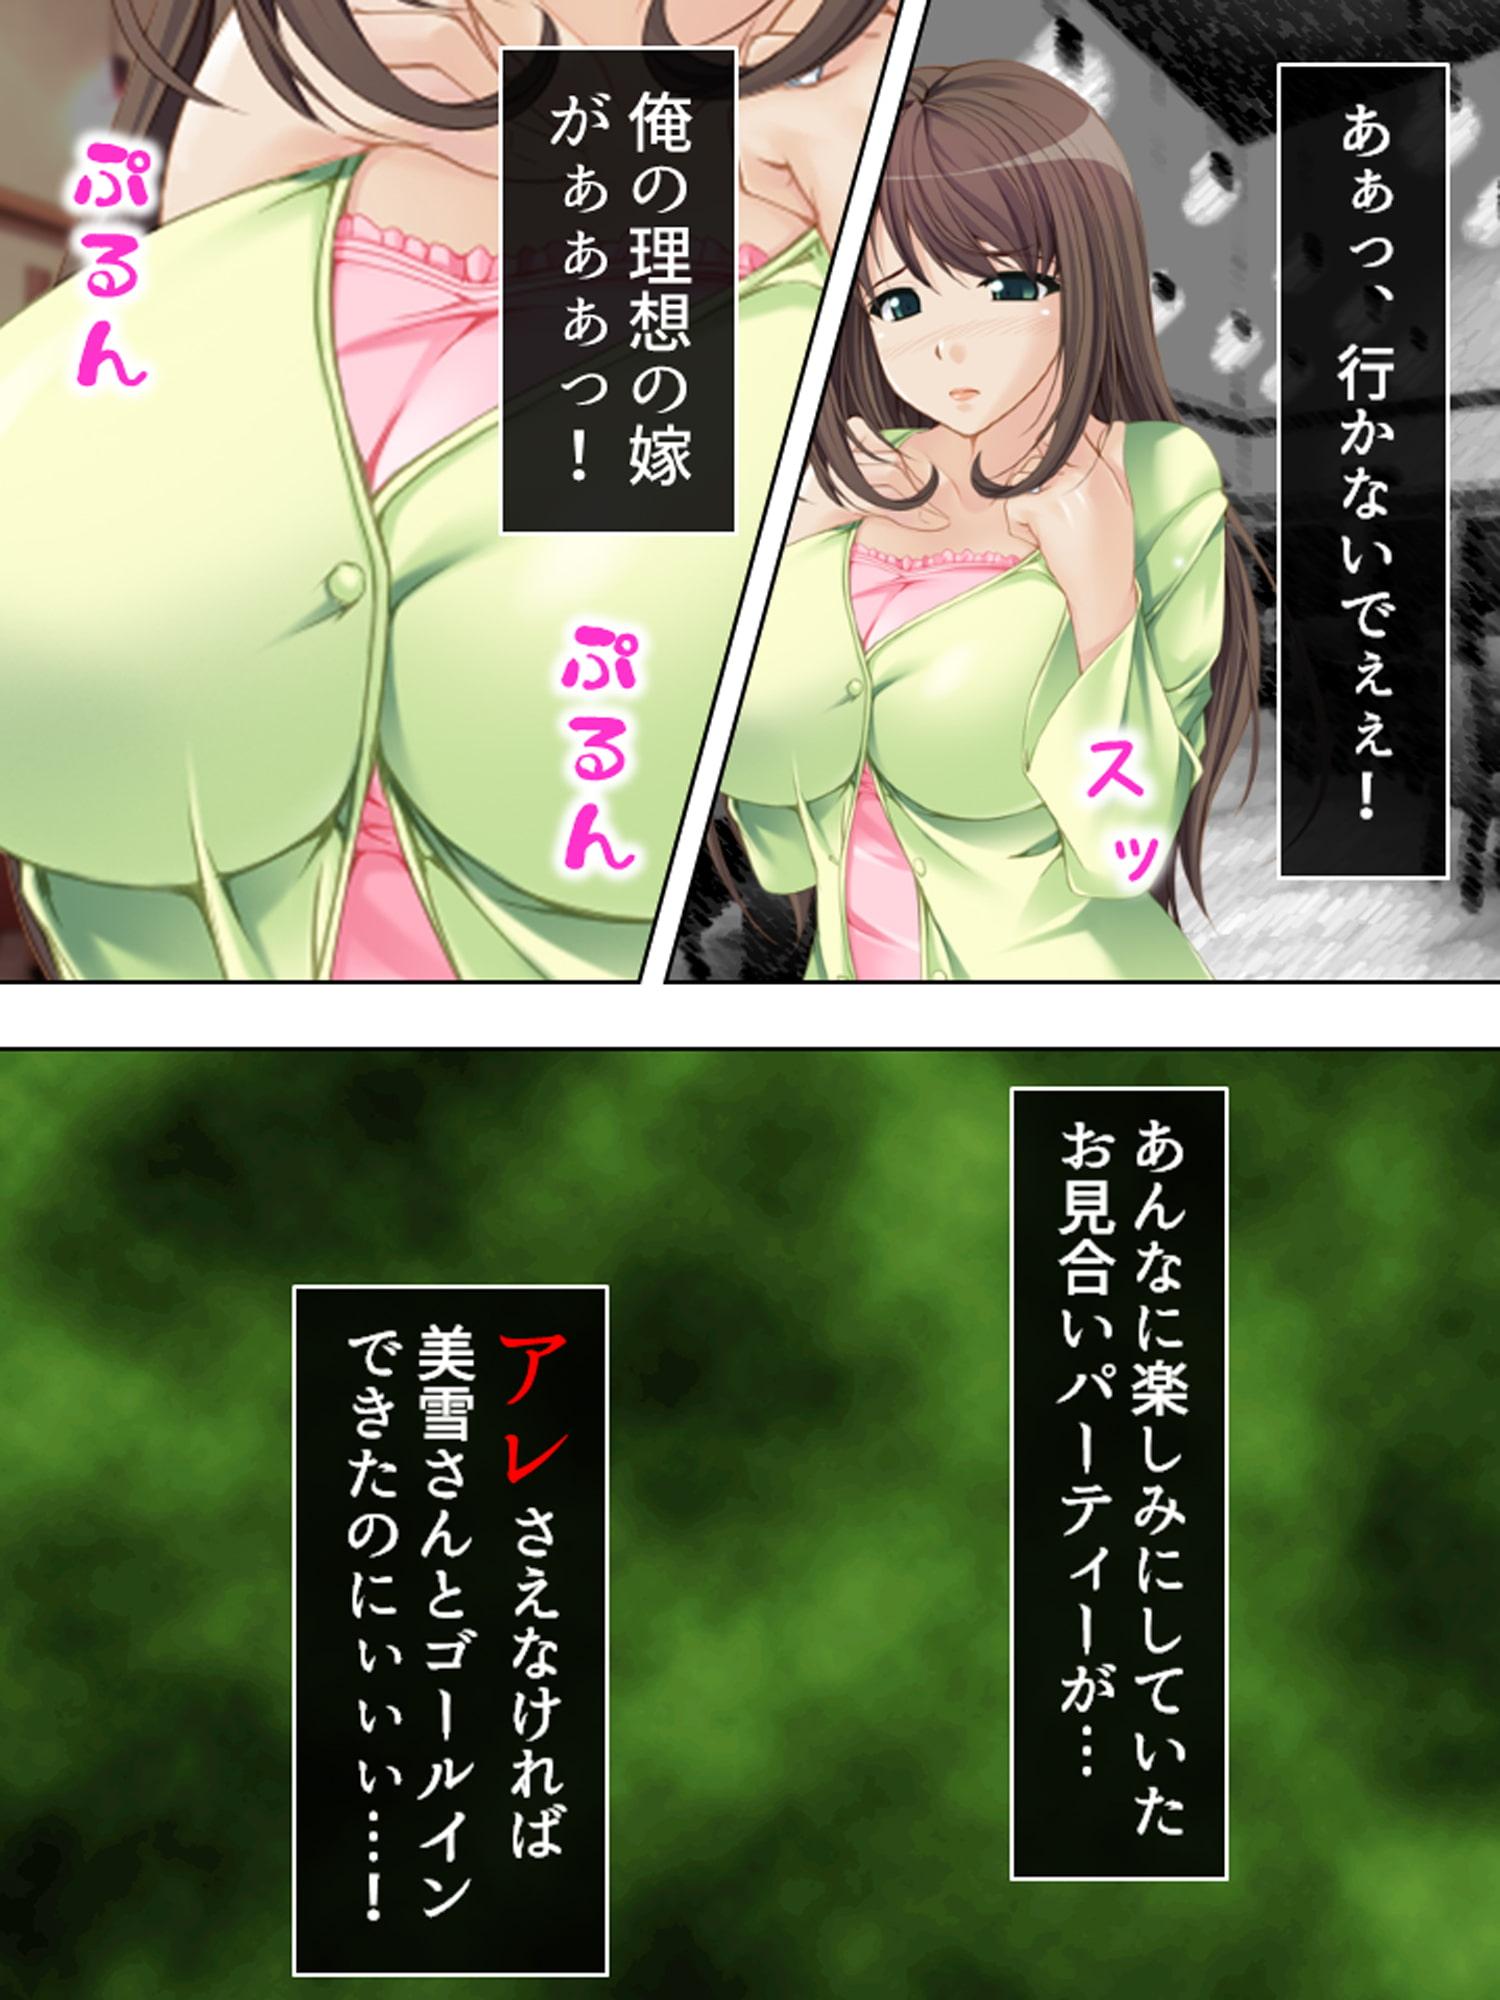 隷属:孕ませアプリ ~検索!クズ男の巨乳嫁~ 第1巻